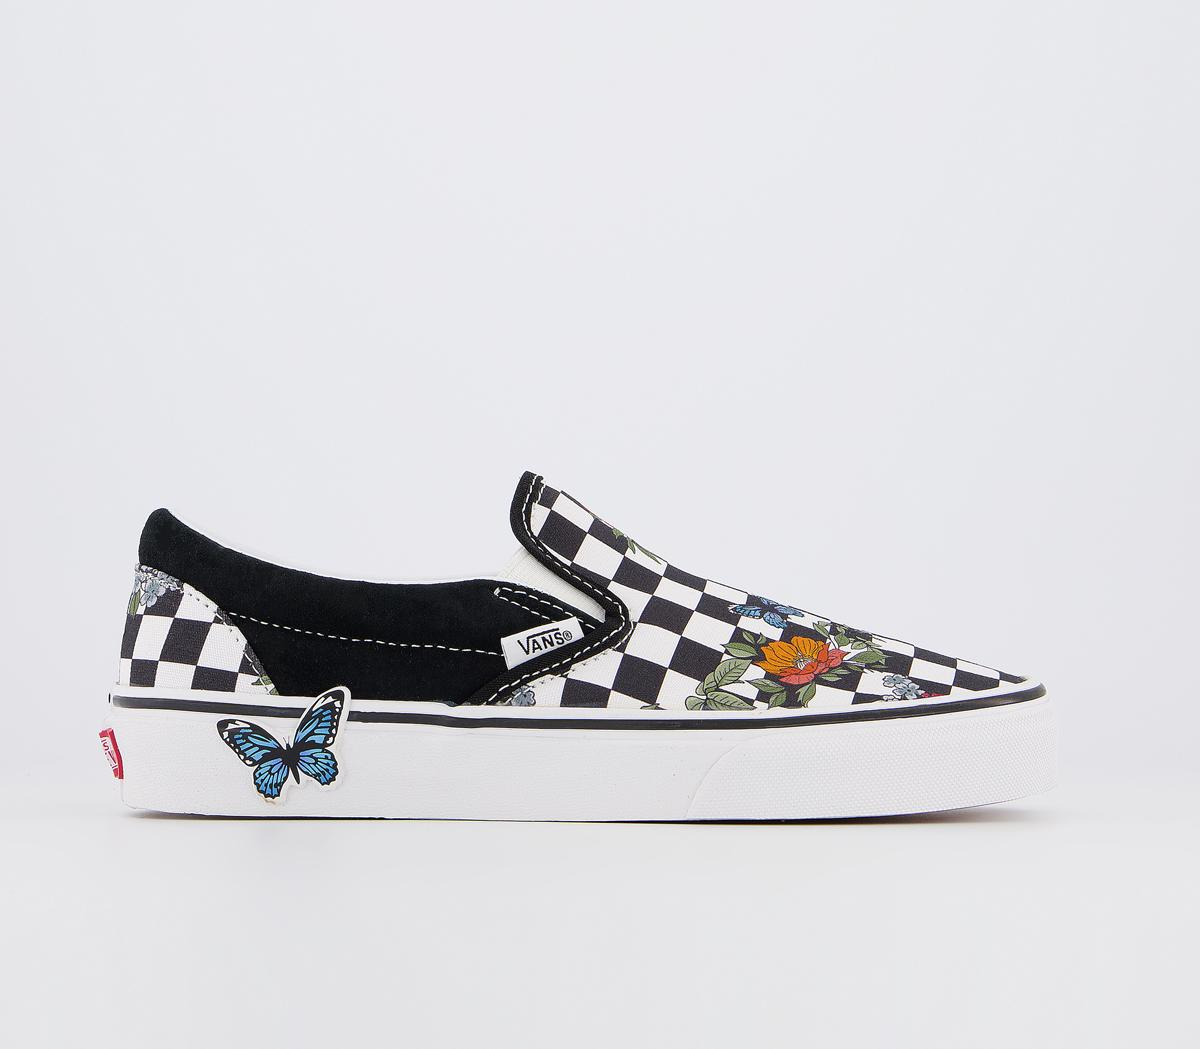 slip on black and white checkered vans